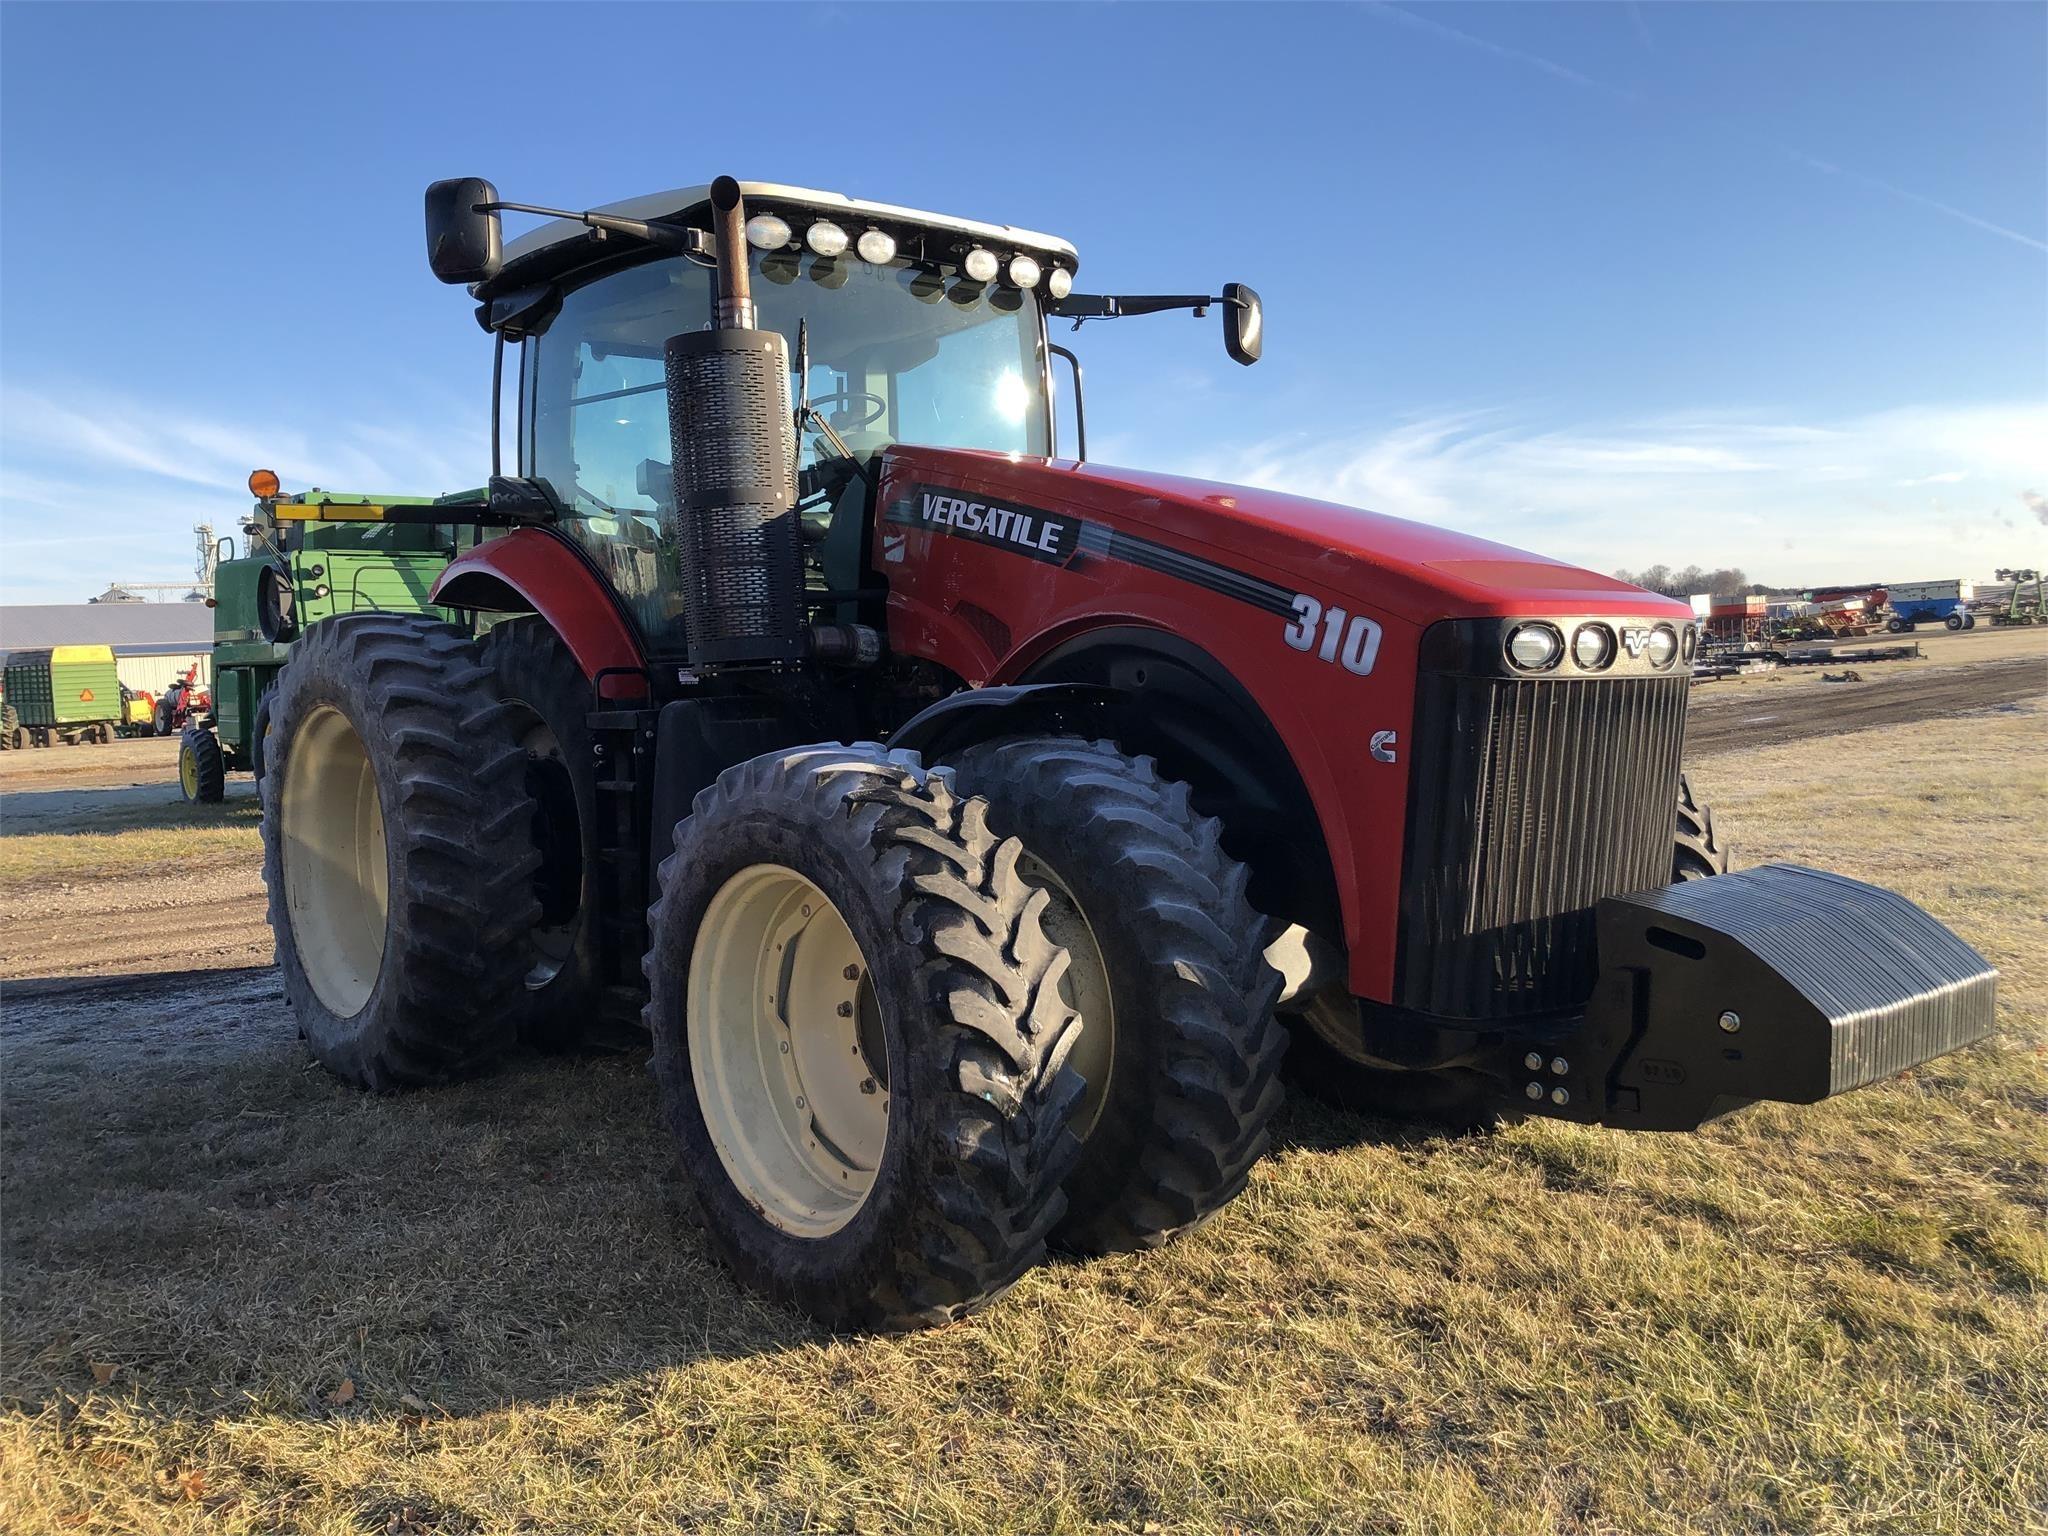 2014 Versatile 310 Tractor